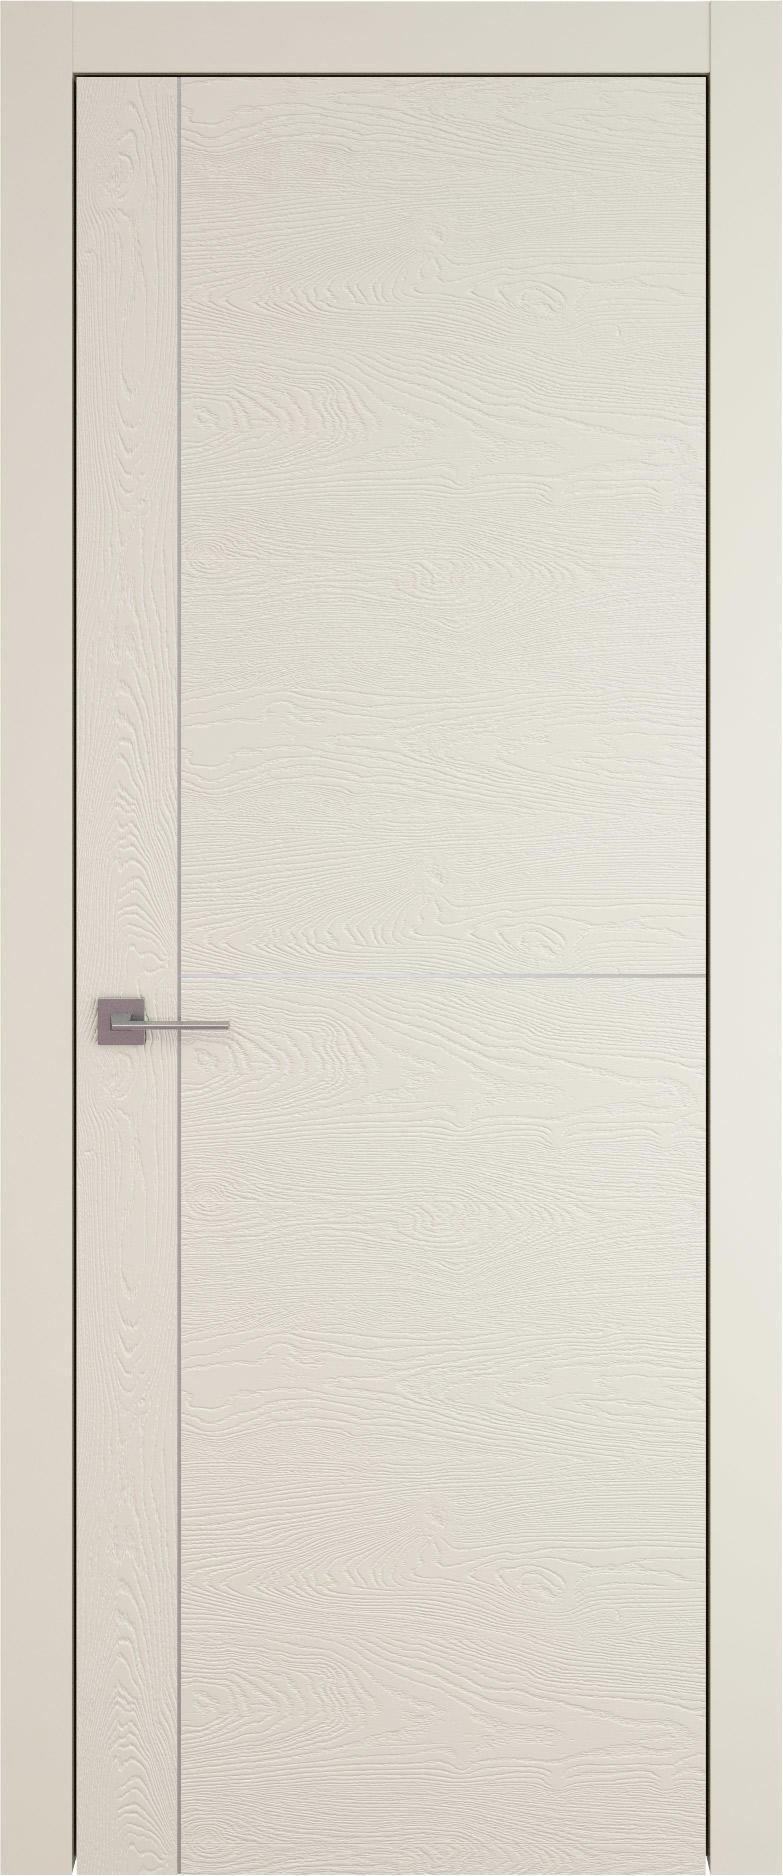 Tivoli Е-3 цвет - Жемчужная эмаль по шпону (RAL 1013) Без стекла (ДГ)